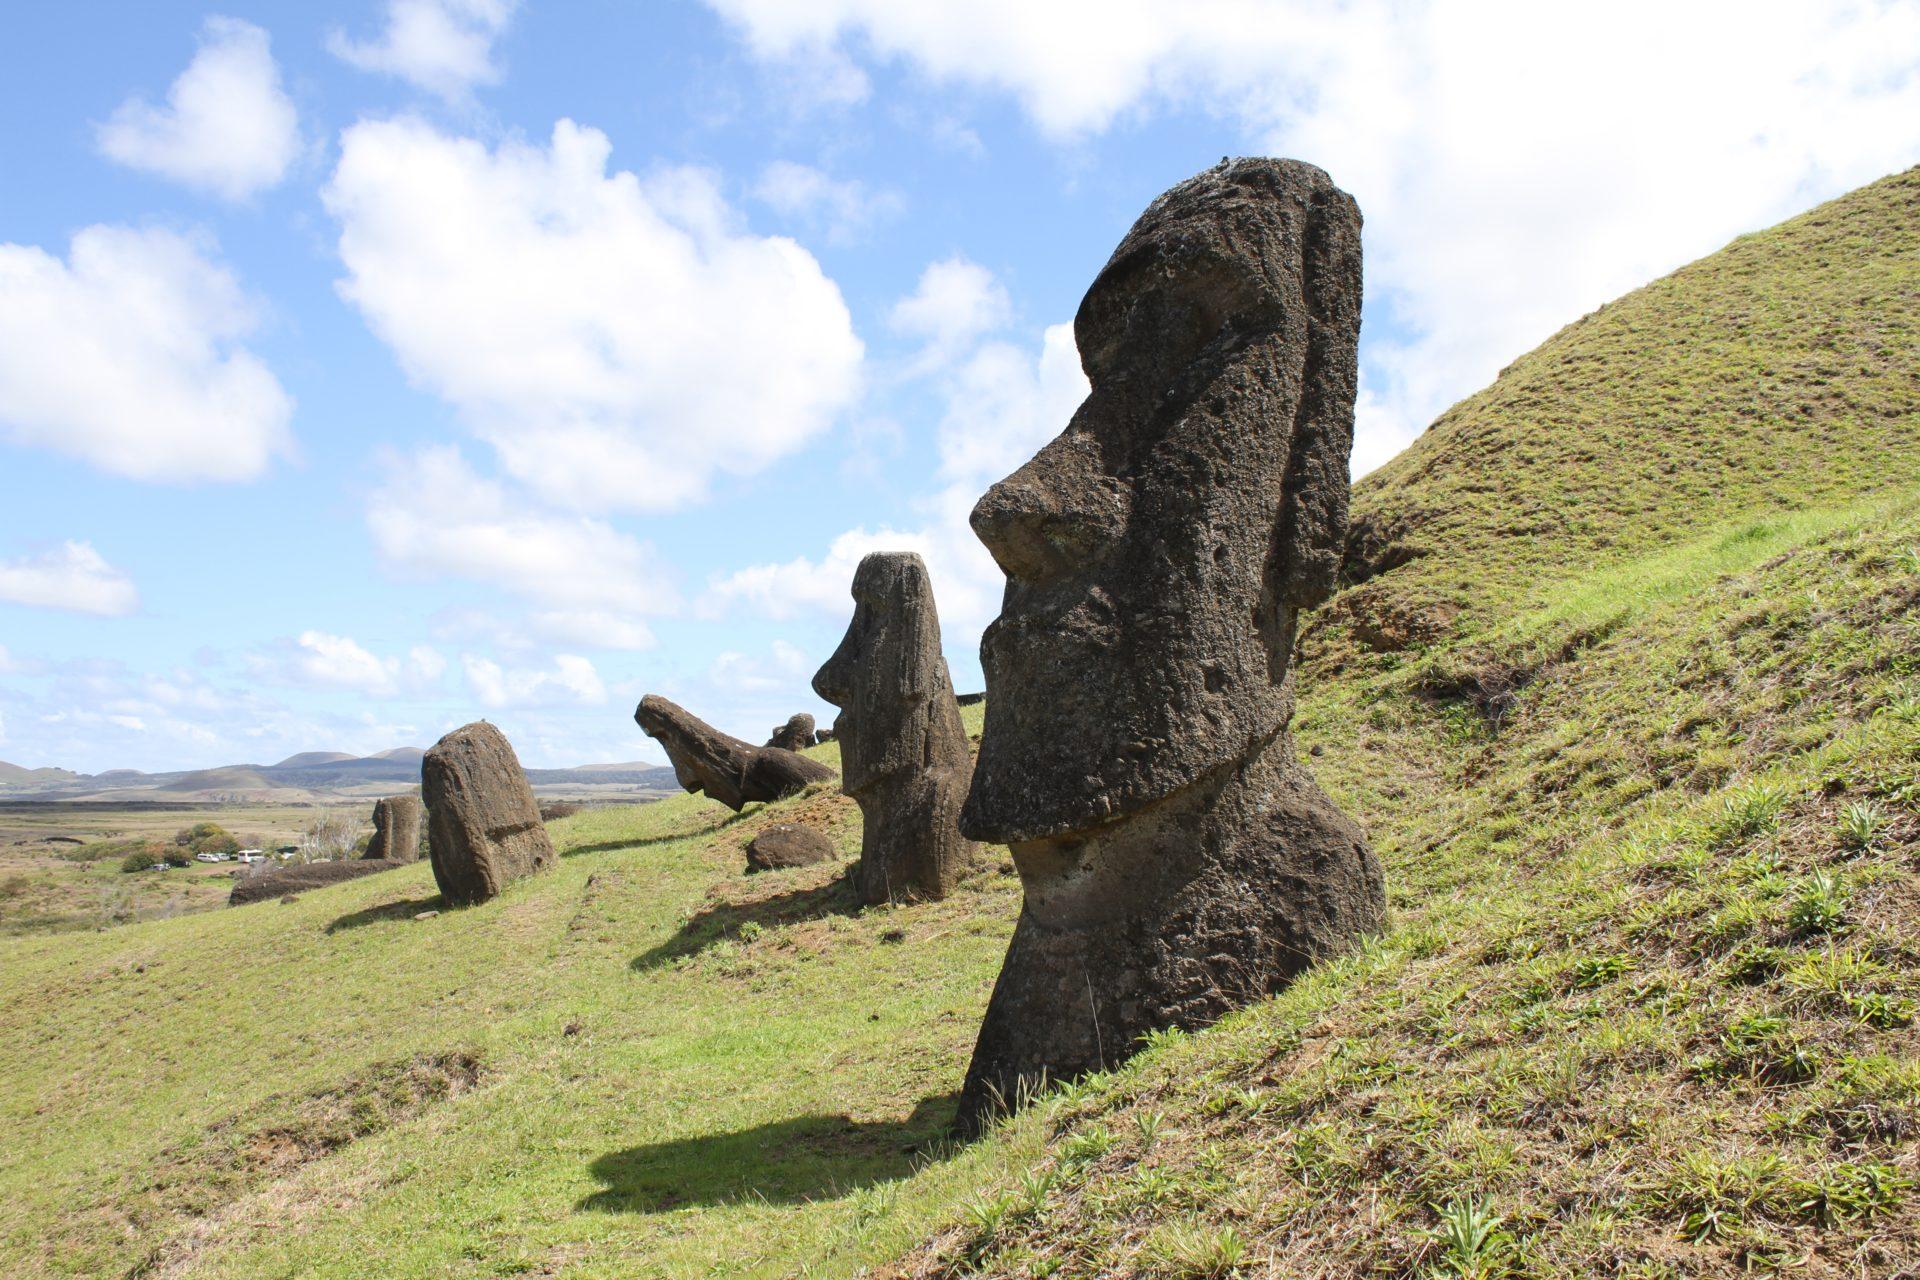 復活節島摩艾石像是常見的表情符號(Photo byThomas GriggsonUnsplash)